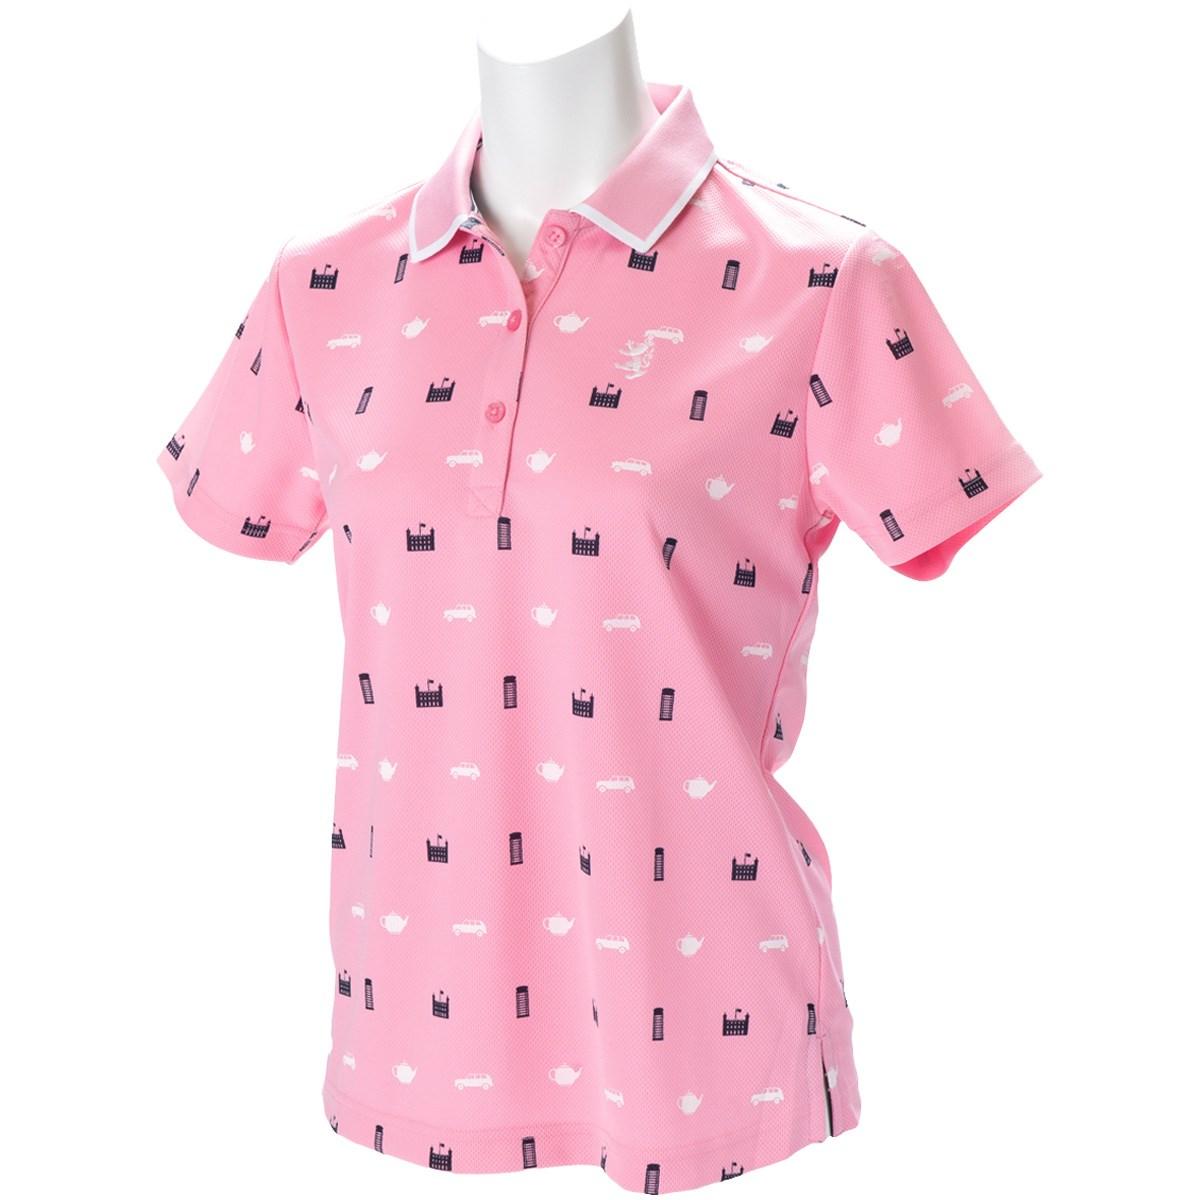 アドミラル Admiral 総柄アイコン 半袖ポロシャツ S ピンク 48 レディス